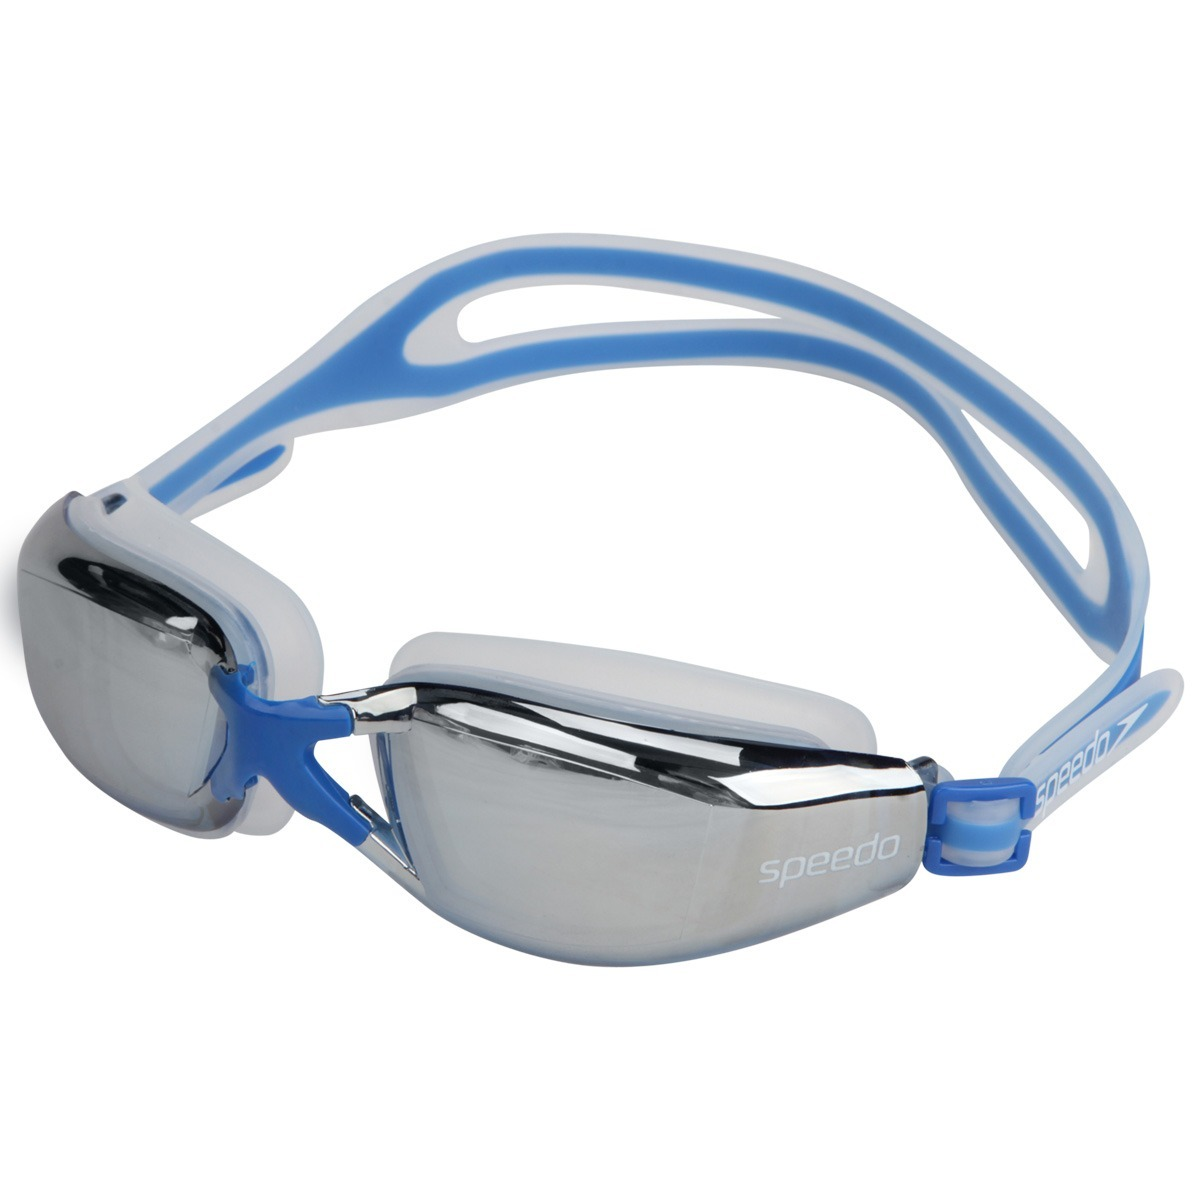 0a8923649 óculos natação speedo x vision unissex - 18643. Carregando zoom.